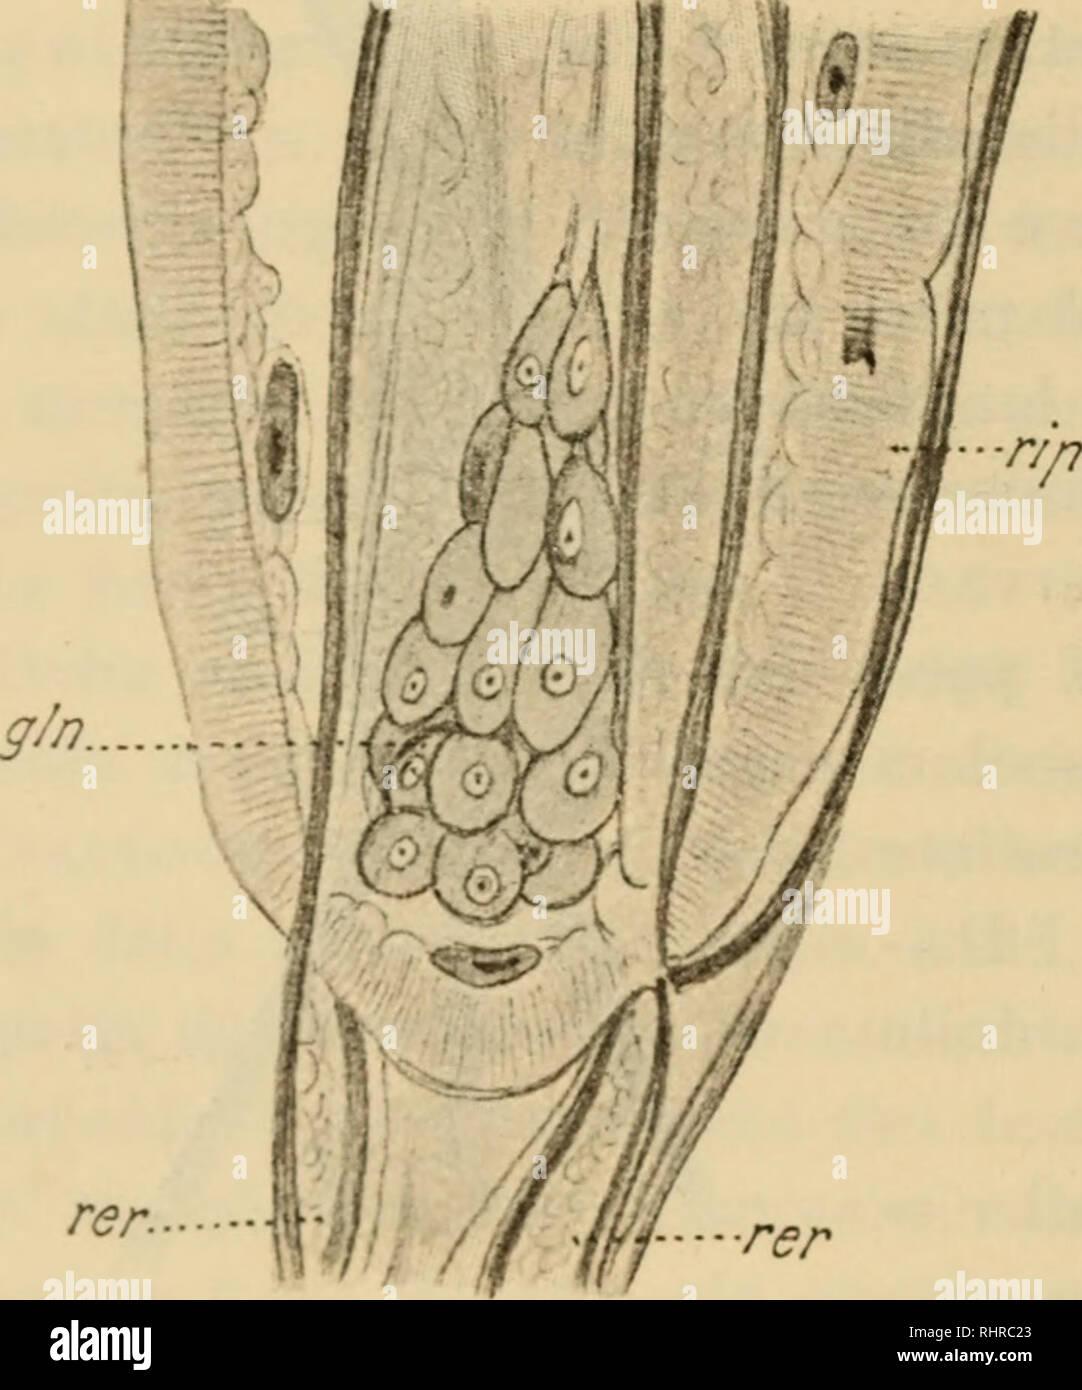 . Biologica. >s VDI. I. N. 19. A. Porta Proboscide (Fig. 5). La proboscide sirven fissare il pa- rassita all'Ospite, ed è formata da onu processo dello estrato cutaneo, cavo e digitiforme; secondo l'Hamann (1) Original dall'entoderma però e perfora la secondariamente cute; è prov- vista di un numero di uncini vario una seconda delle specie, disposti regolarmente e me da già descritti (2). Uncini rivestiti Detti sono di un solo chitinoso astuccio todos' , ed estremità lia ONU ONU prolunga- mento inferiore detto- Radice. Regola di più ventrali me sono forti ed adunchi dei dorsali, ed io credo Foto de stock